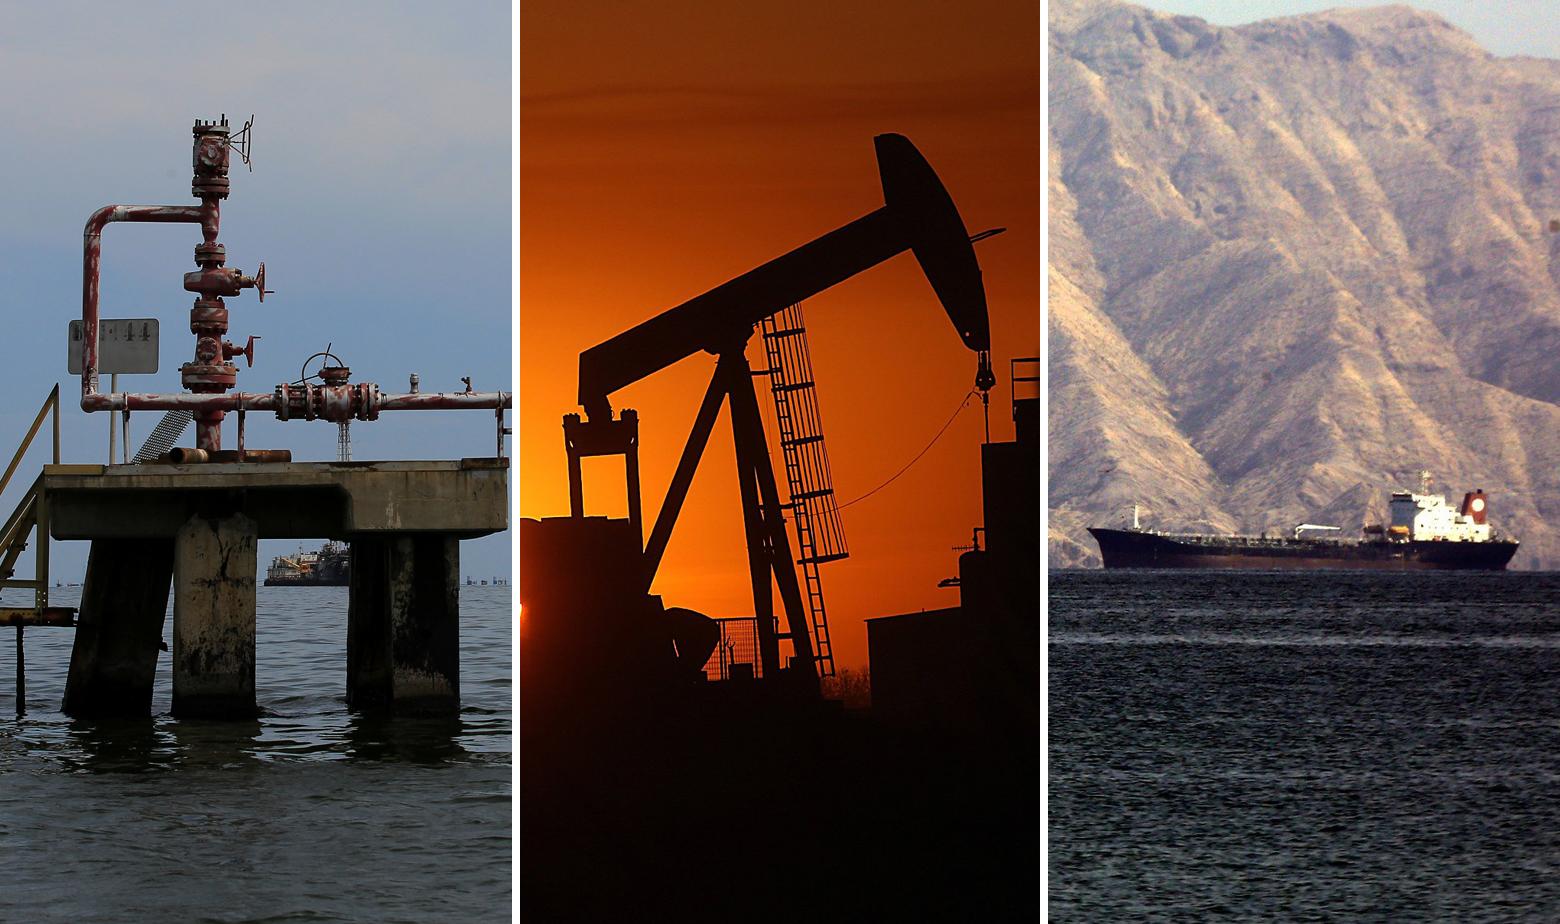 Ilustracija: naftno postrojenje u Venezueli, naftna bušotina u Sjevernoj Dakoti i tanker uz obalu Venezuele